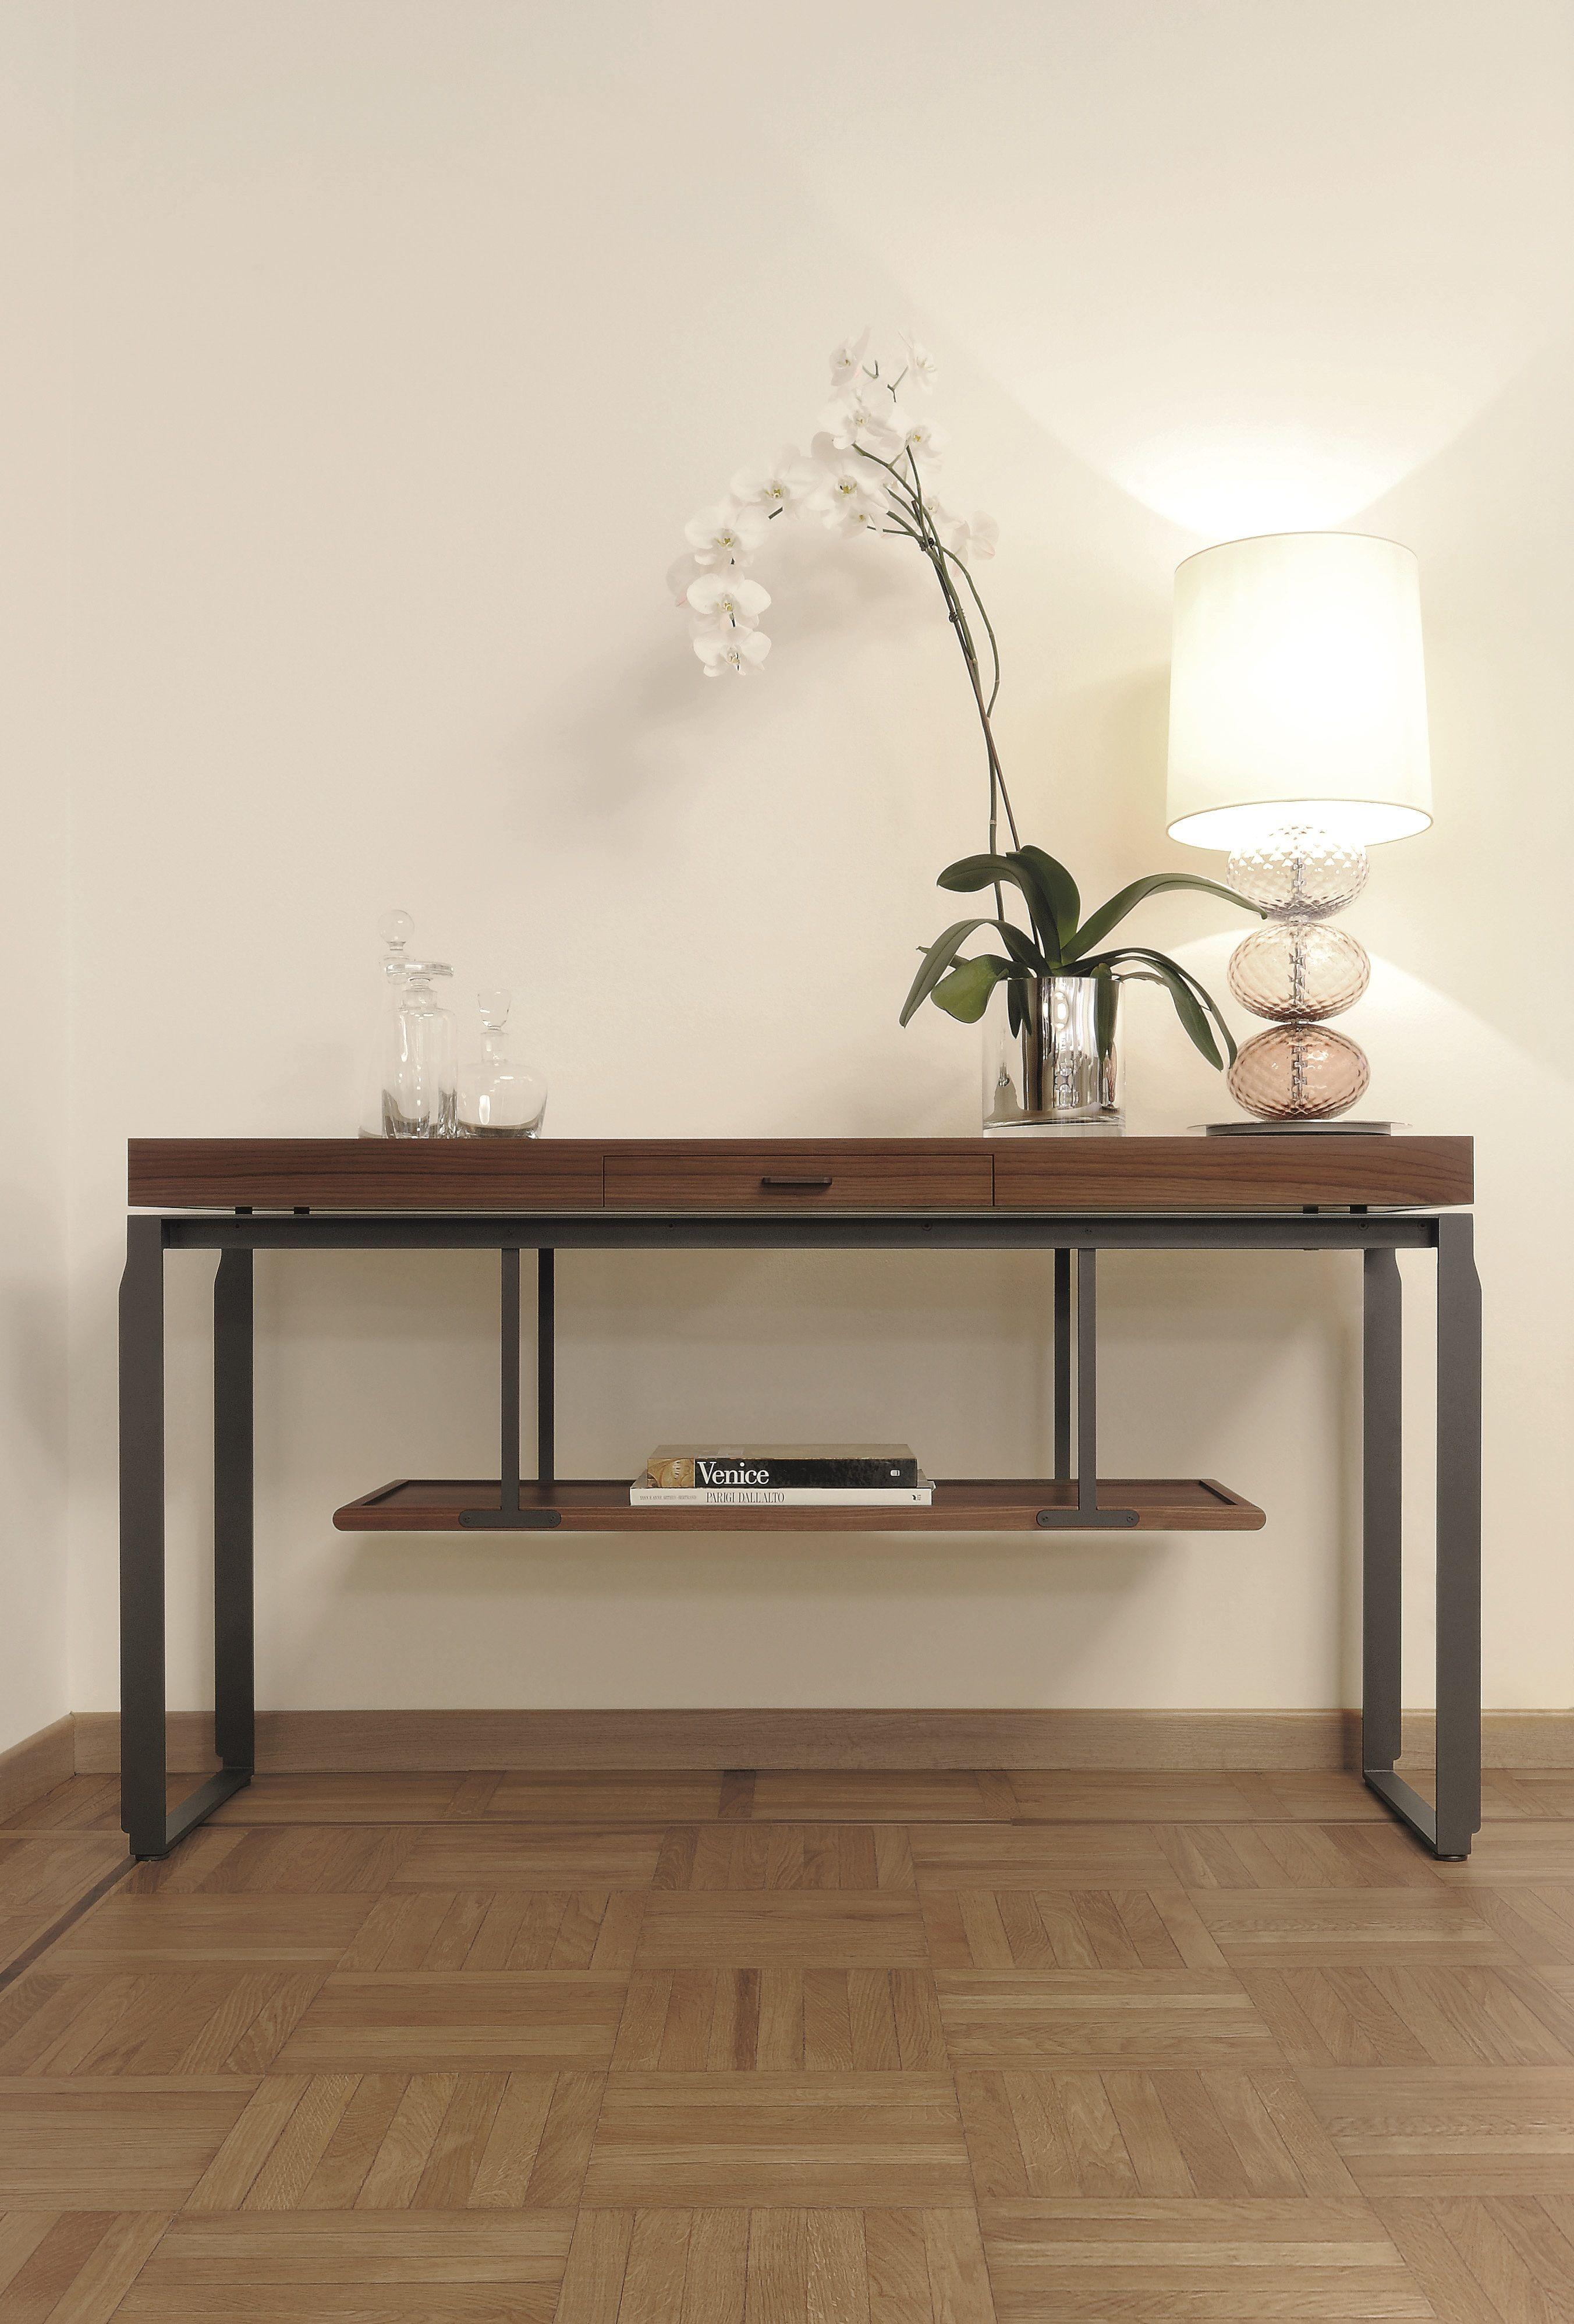 AEI Console Table in 2020 Designer console